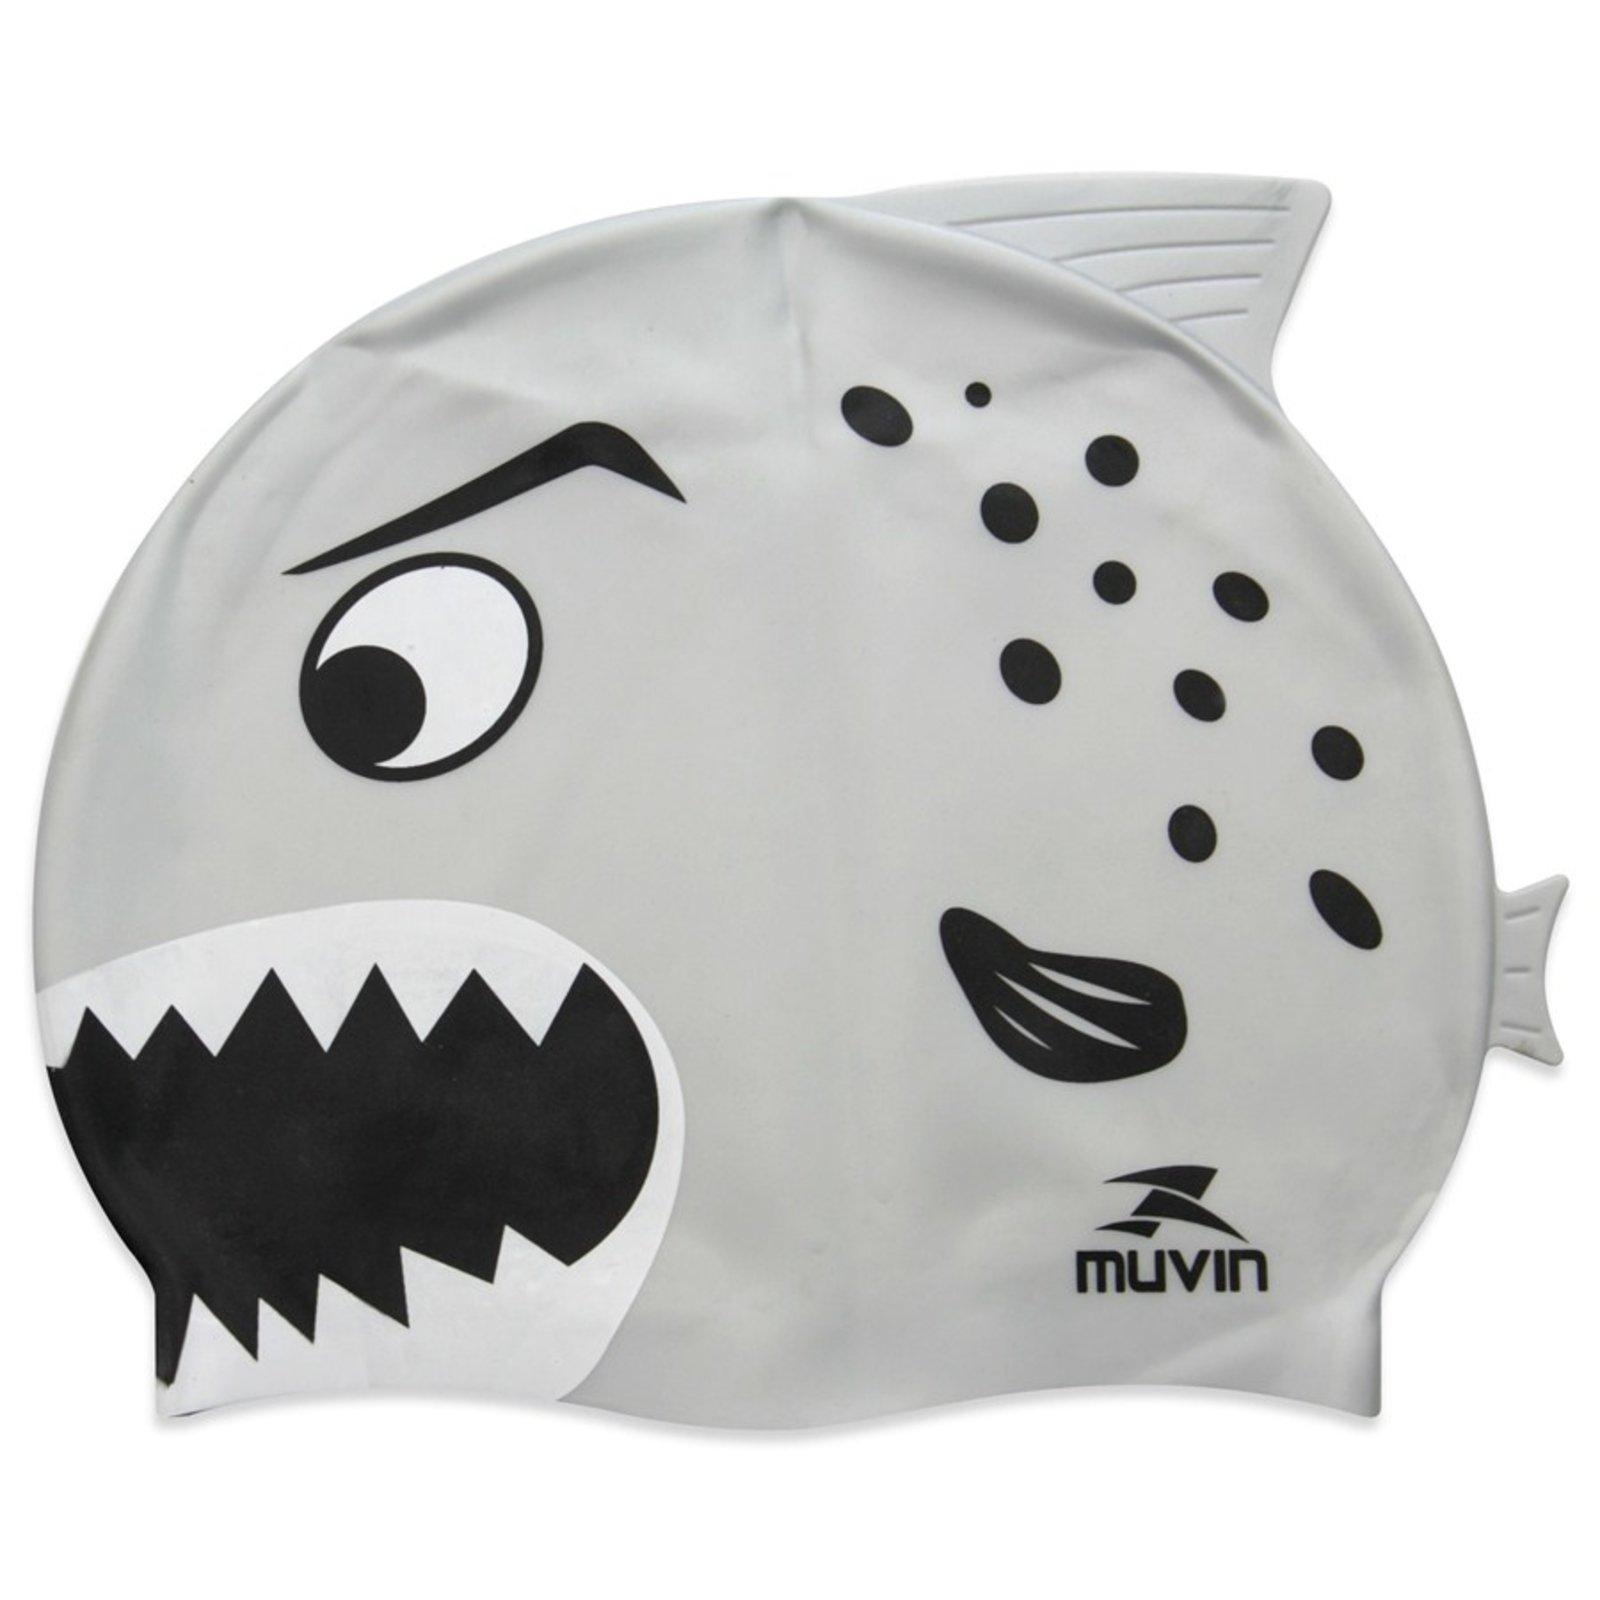 Touca de Natação em Silicone Kid Tubarão Muvin Prata - Compre Agora ... 6144a0c45f9